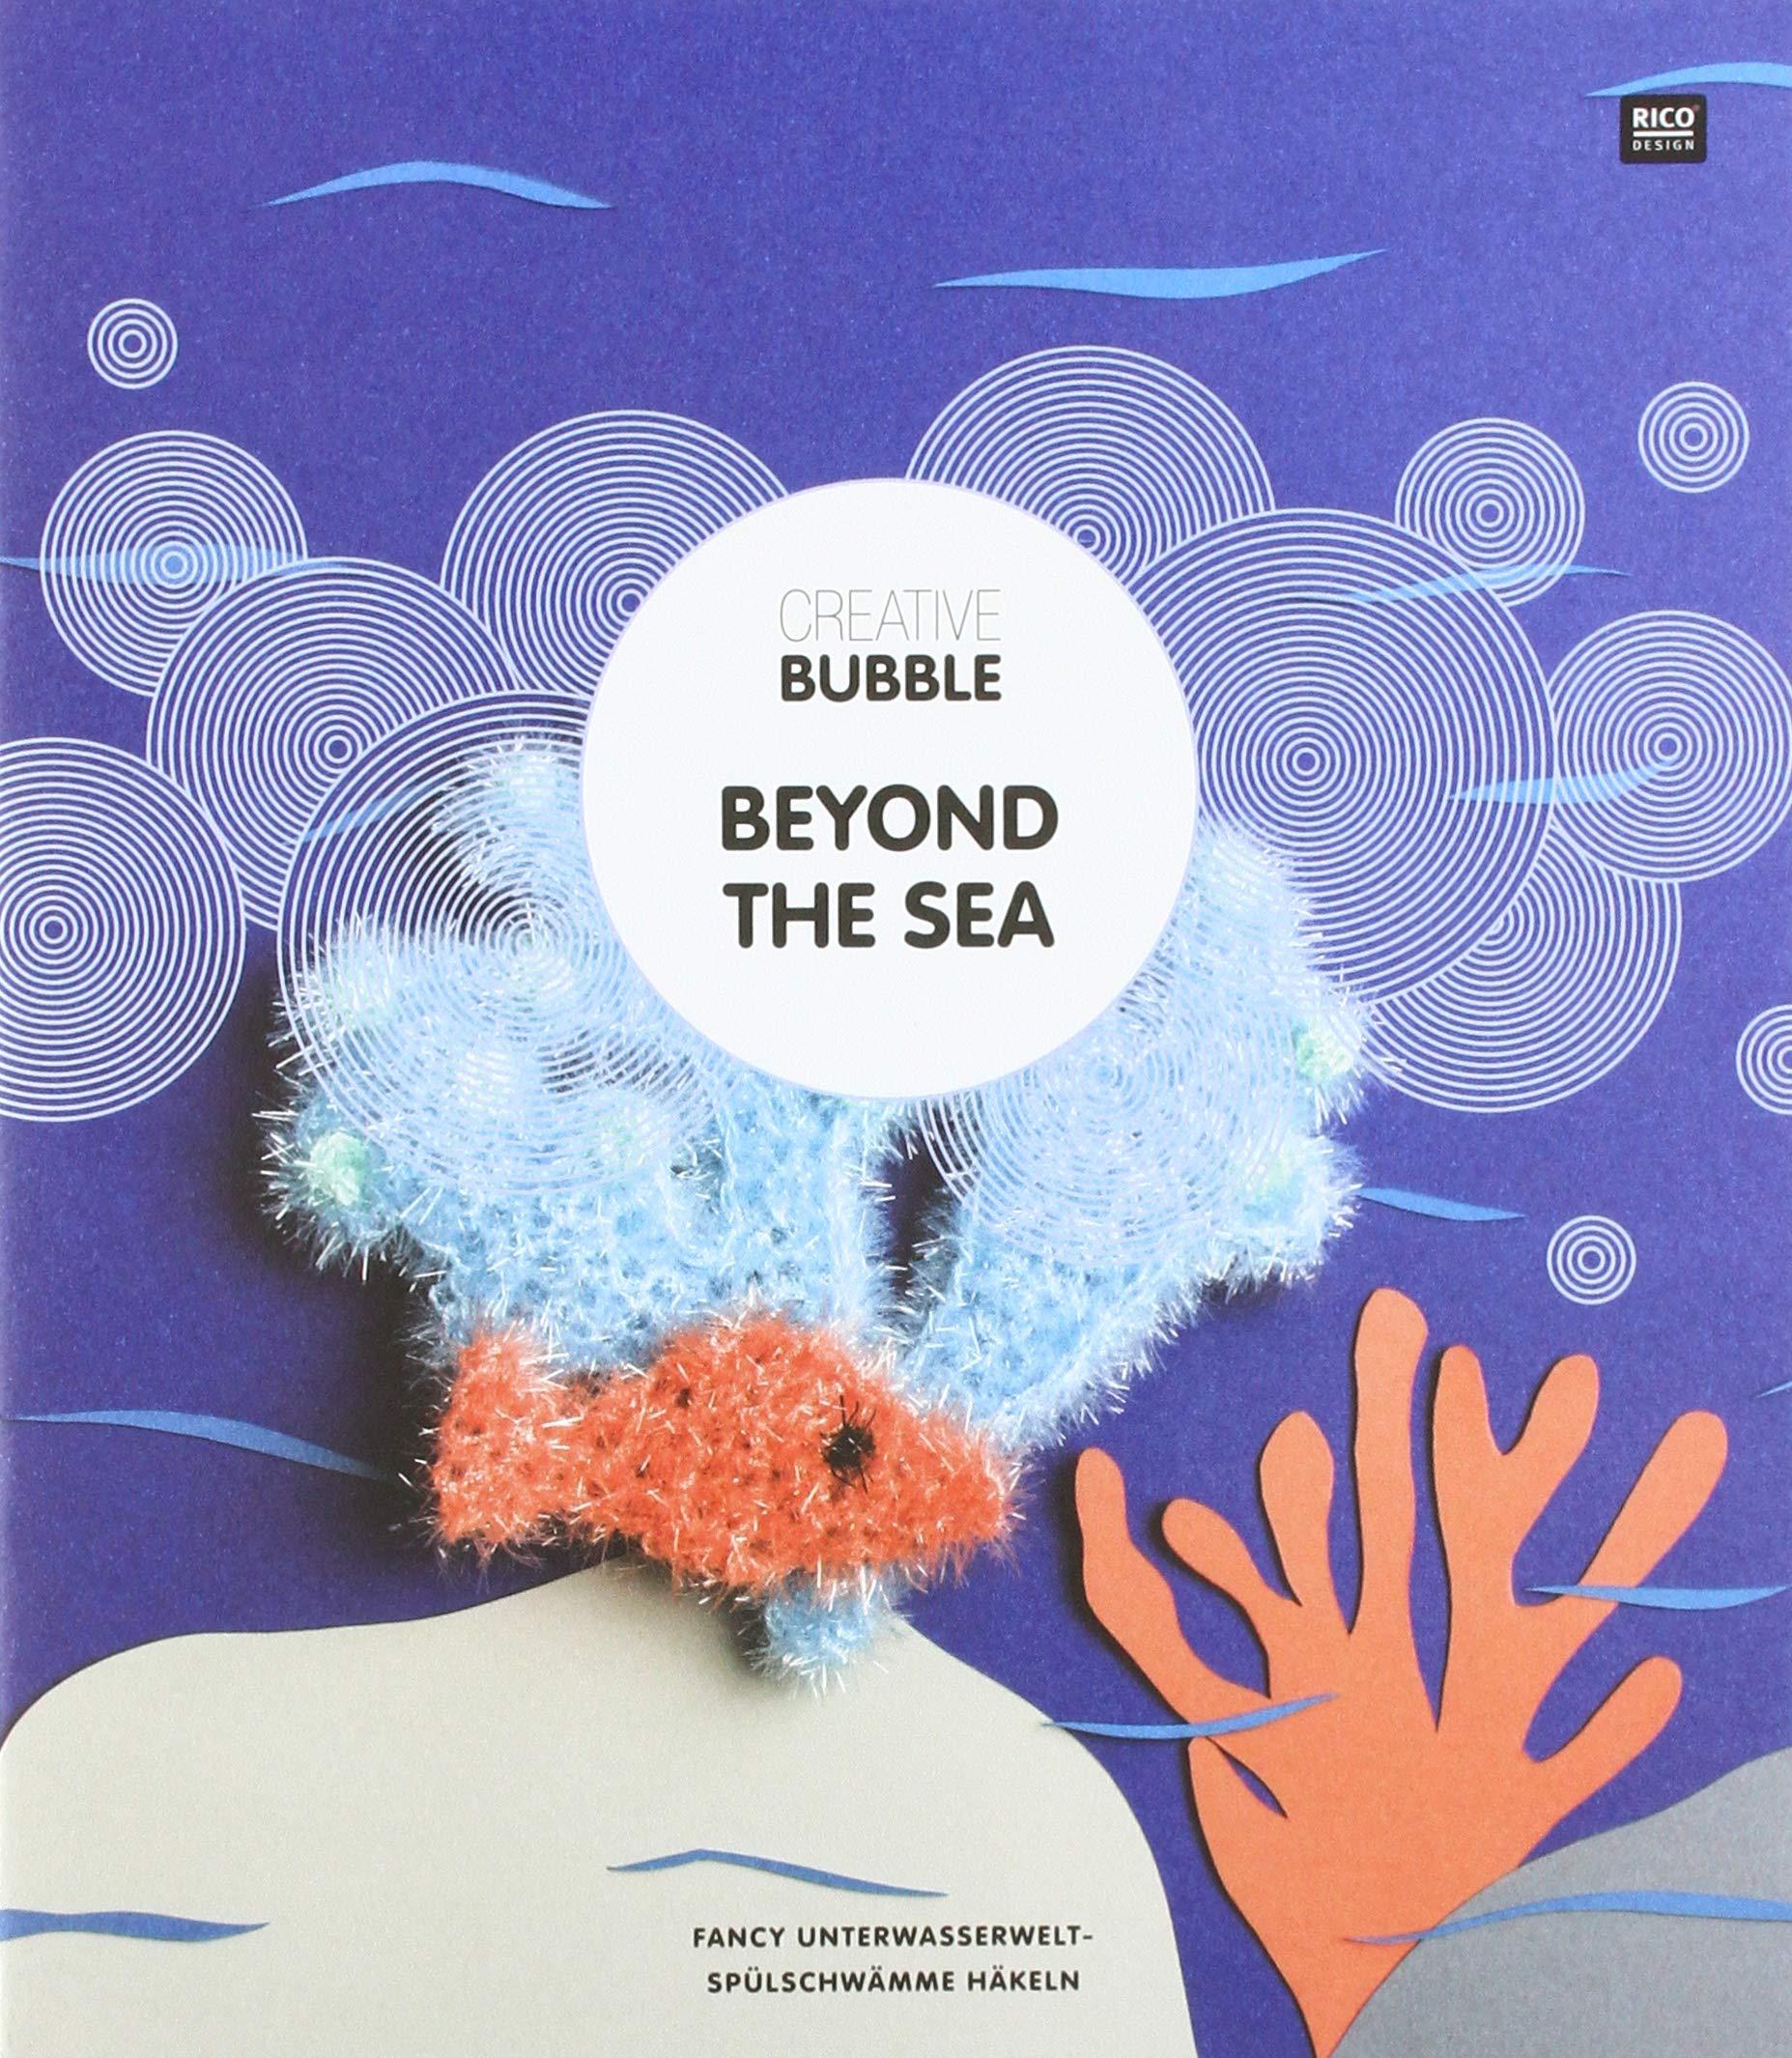 Amazonfr Creative Bubble Beyond The Sea Rico Design Gmbh Co